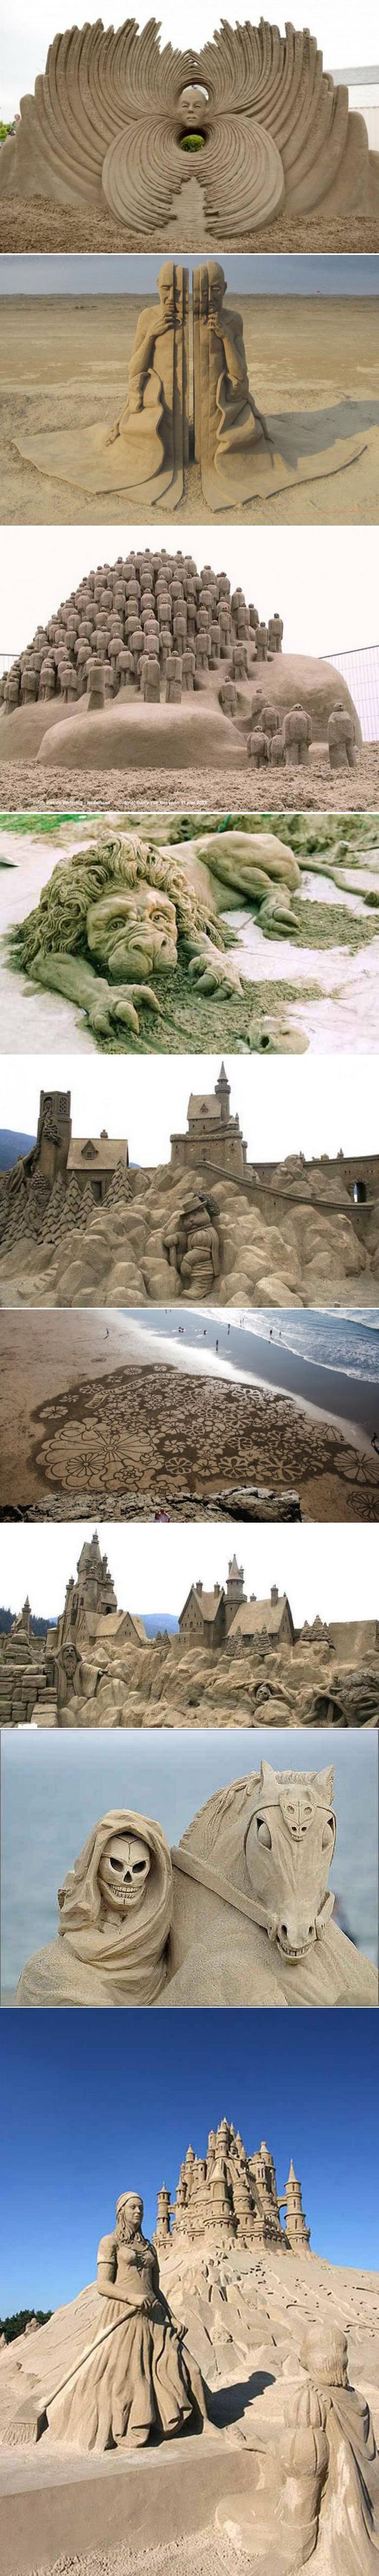 Удивительный мир скульптур из песка